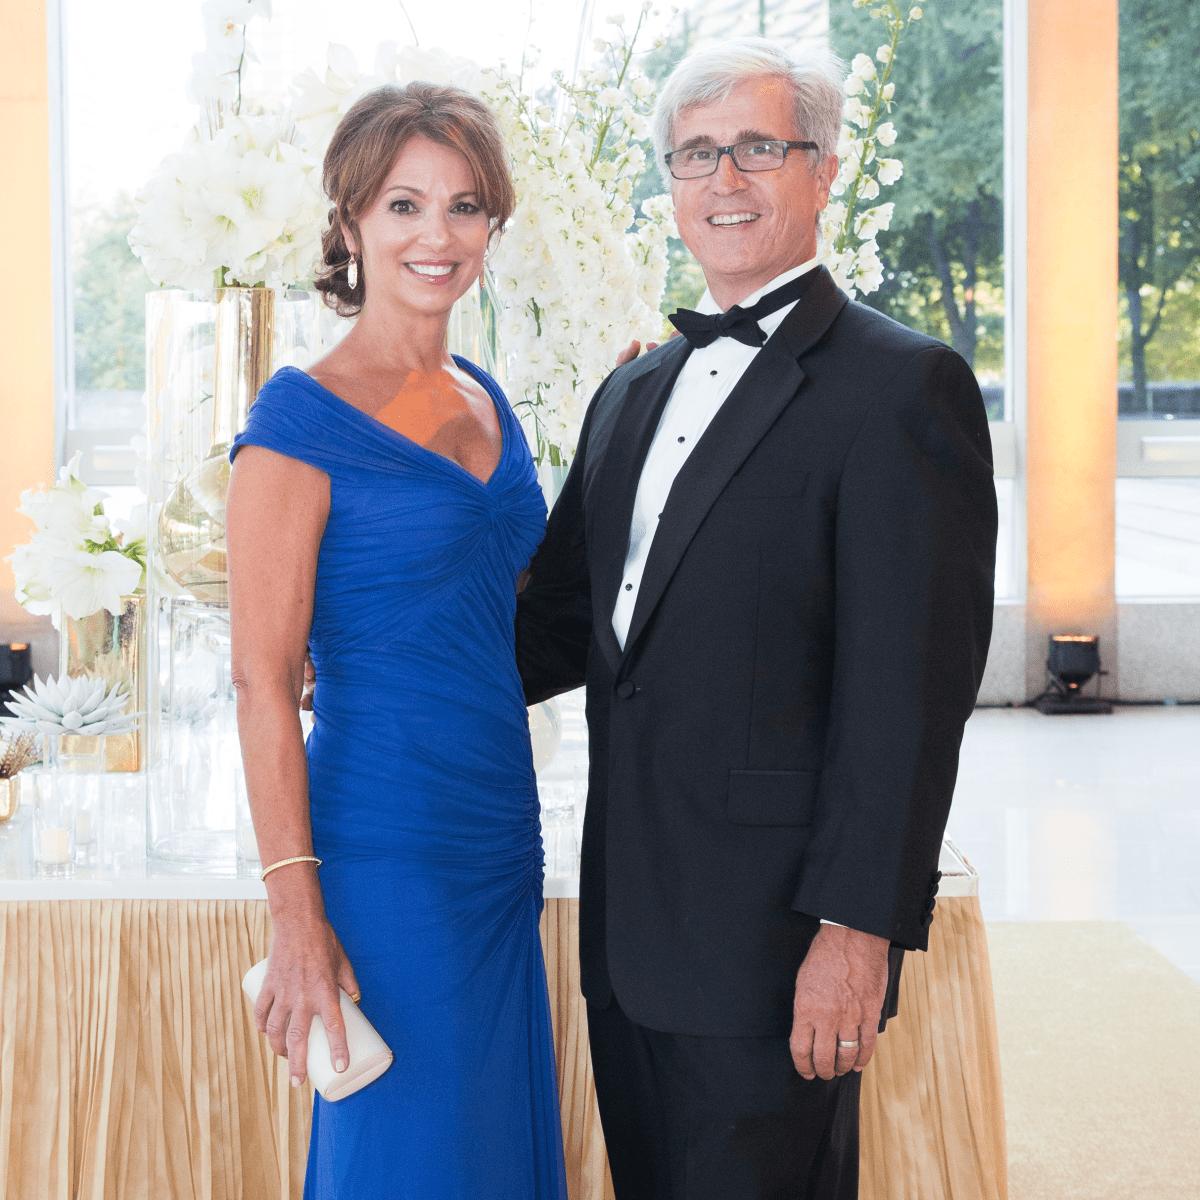 Randy Lesier, Joyce Leiser